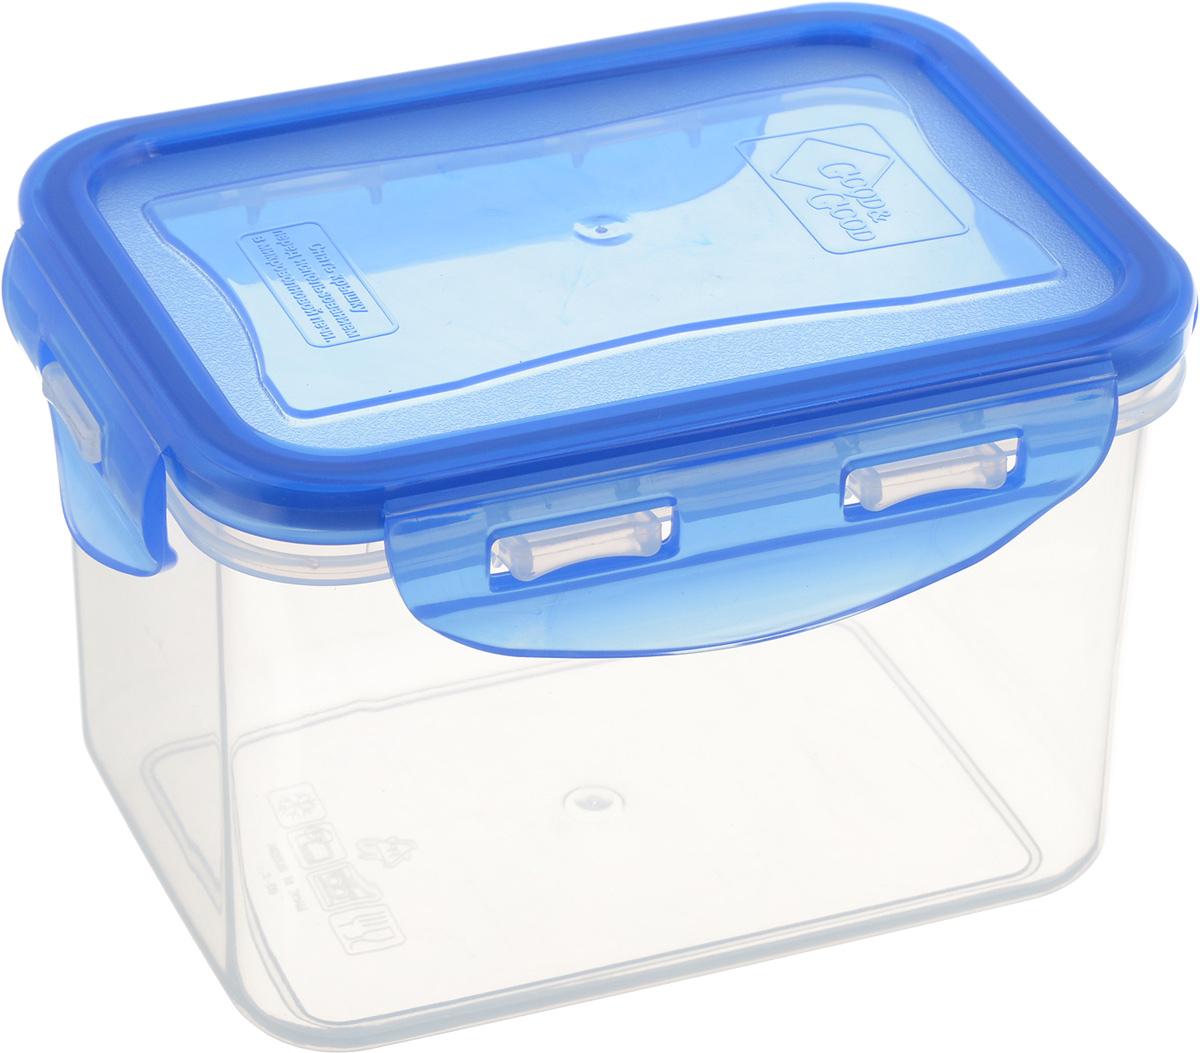 Контейнер пищевой Good&Good, цвет: прозрачный, синий, 630 мл. 02-2/BL02-2/BLПрямоугольный контейнер Good&Good изготовлен из высококачественного полипропилена и предназначен для хранения любых пищевых продуктов. Благодаря особым технологиям изготовления, лотки в течение времени службы не меняют цвет и не пропитываются запахами. Крышка с силиконовой вставкой герметично защелкивается специальным механизмом. Контейнер Good&Good удобен для ежедневного использования в быту. Можно мыть в посудомоечной машине и использовать в микроволновой печи. Размер контейнера (с учетом крышки): 13 х 9,5 х 8,5 см.